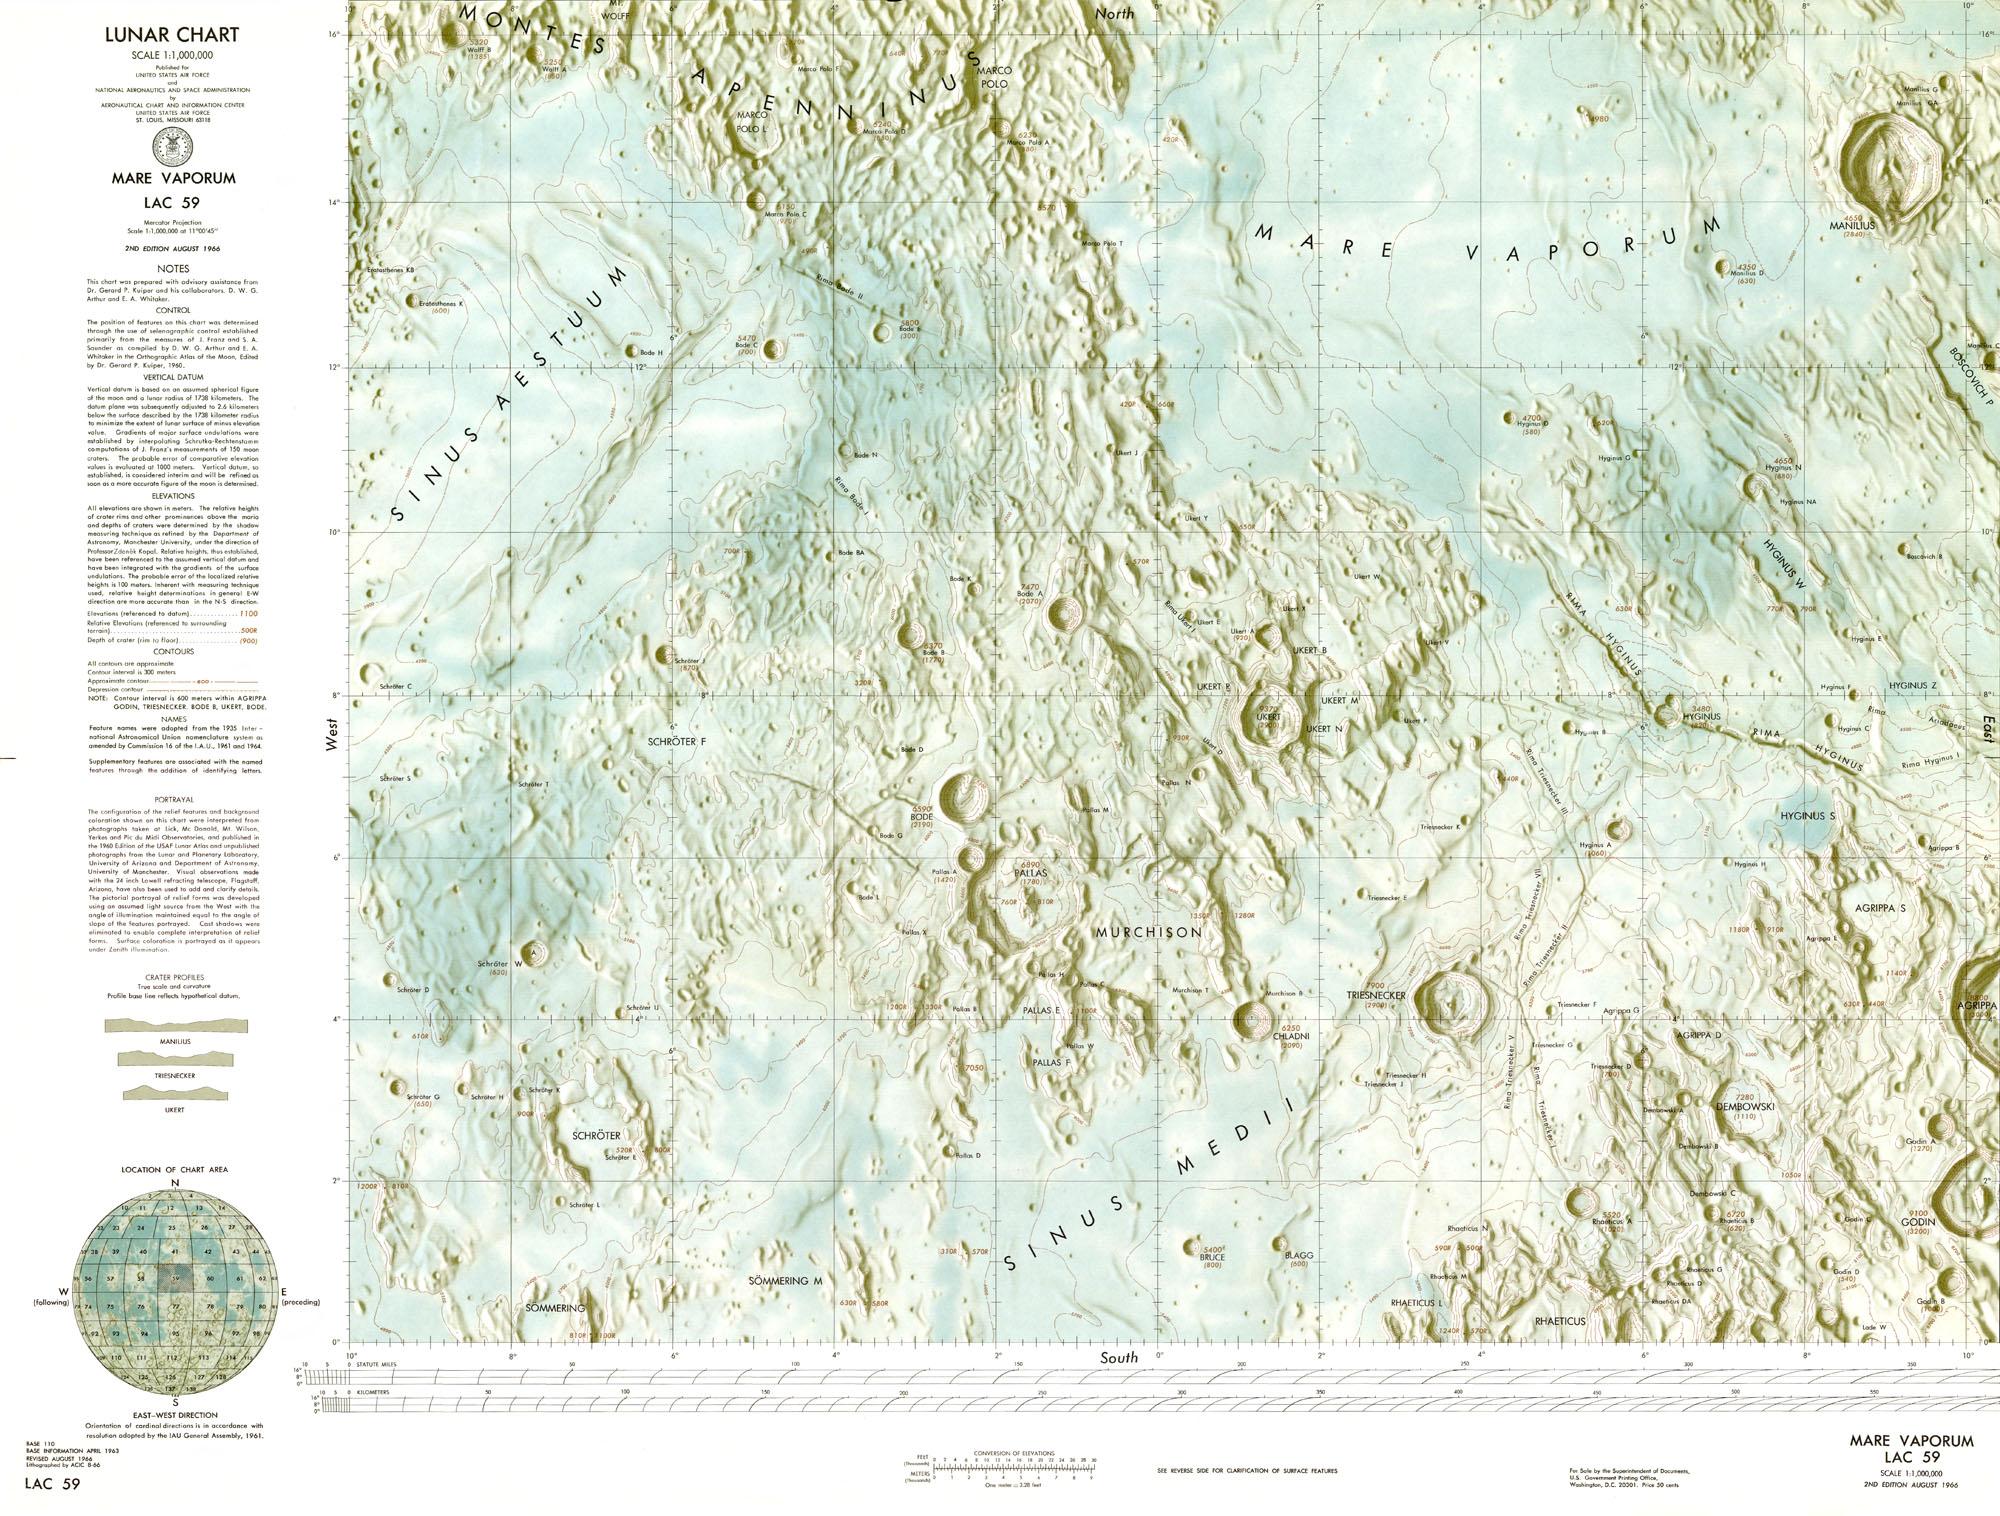 Lunar Chart (LAC) Series.